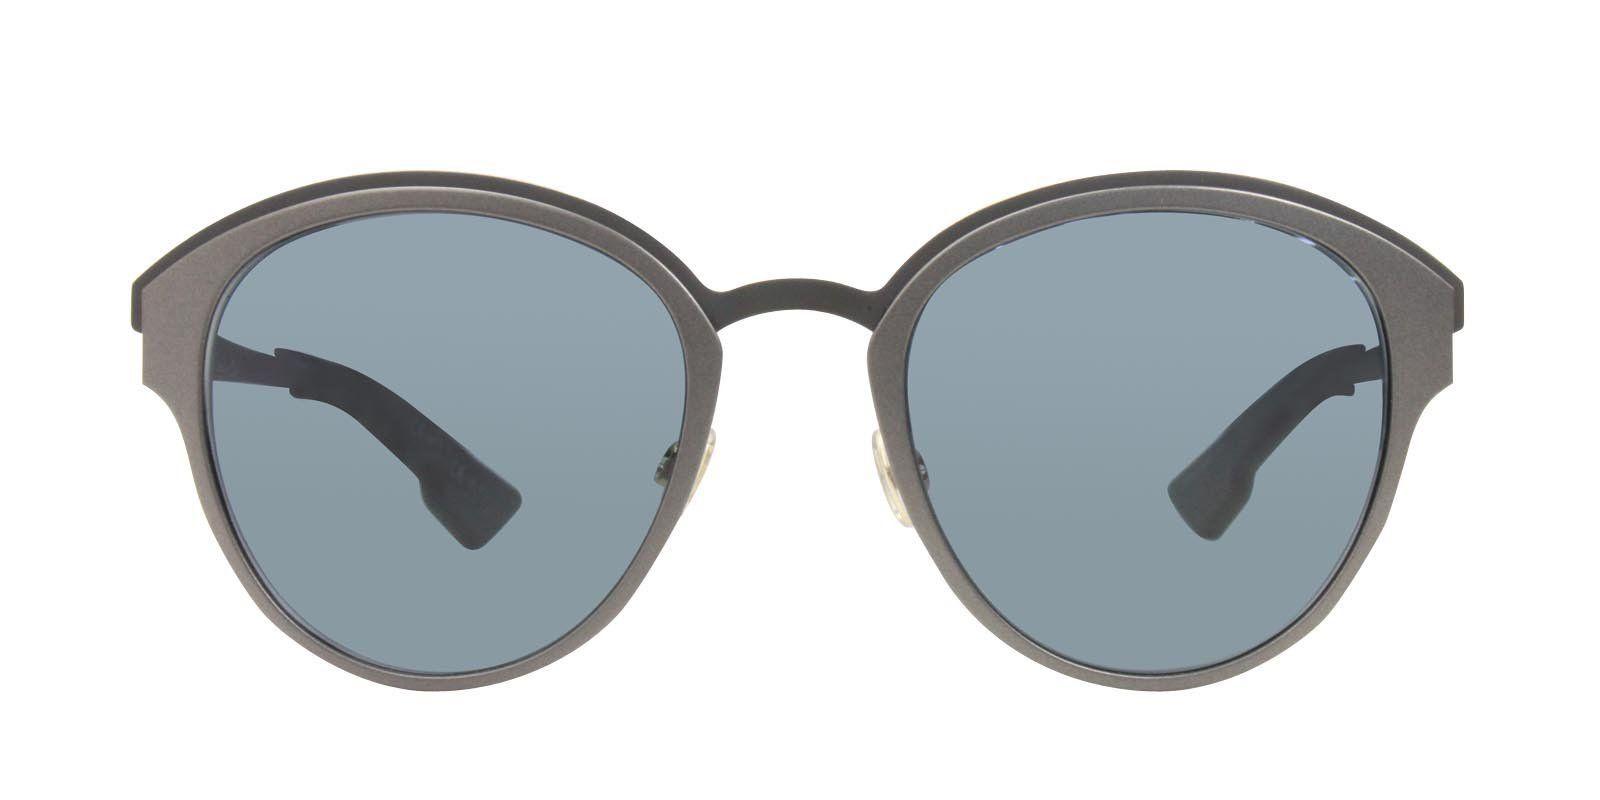 0b5f4e2eacba8 Dior - DiorSun Gray - Blue sunglasses